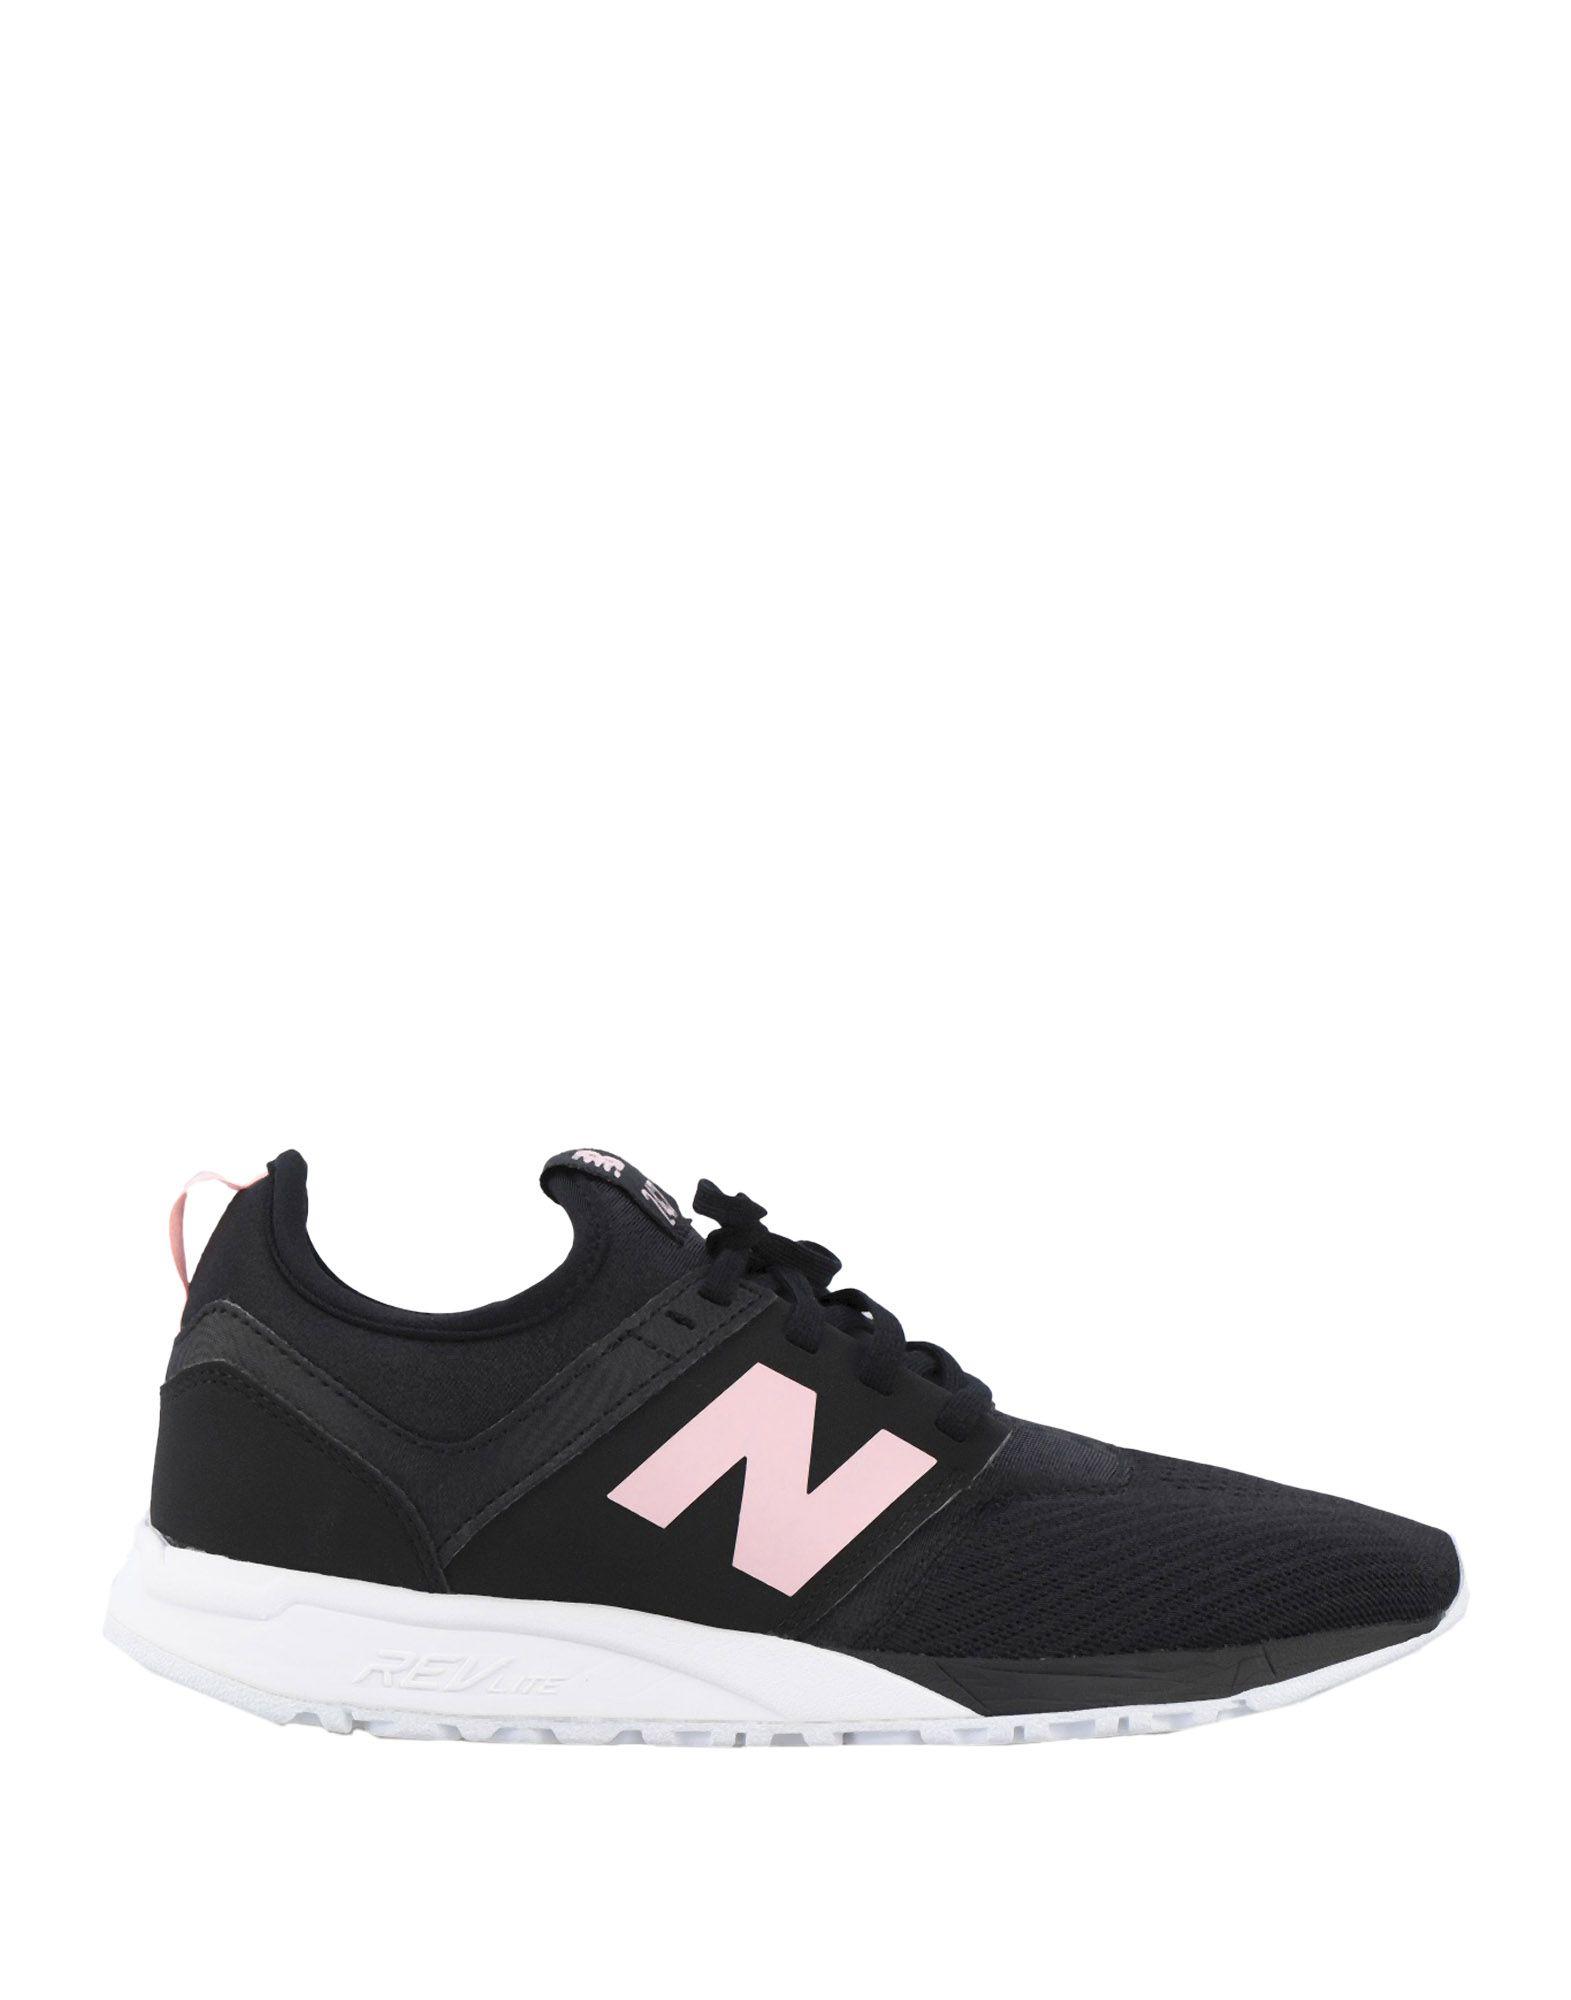 Baskets New Balance Wrl247 Sport - Femme - Baskets New Balance Blanc Nouvelles chaussures pour hommes et femmes, remise limitée dans le temps